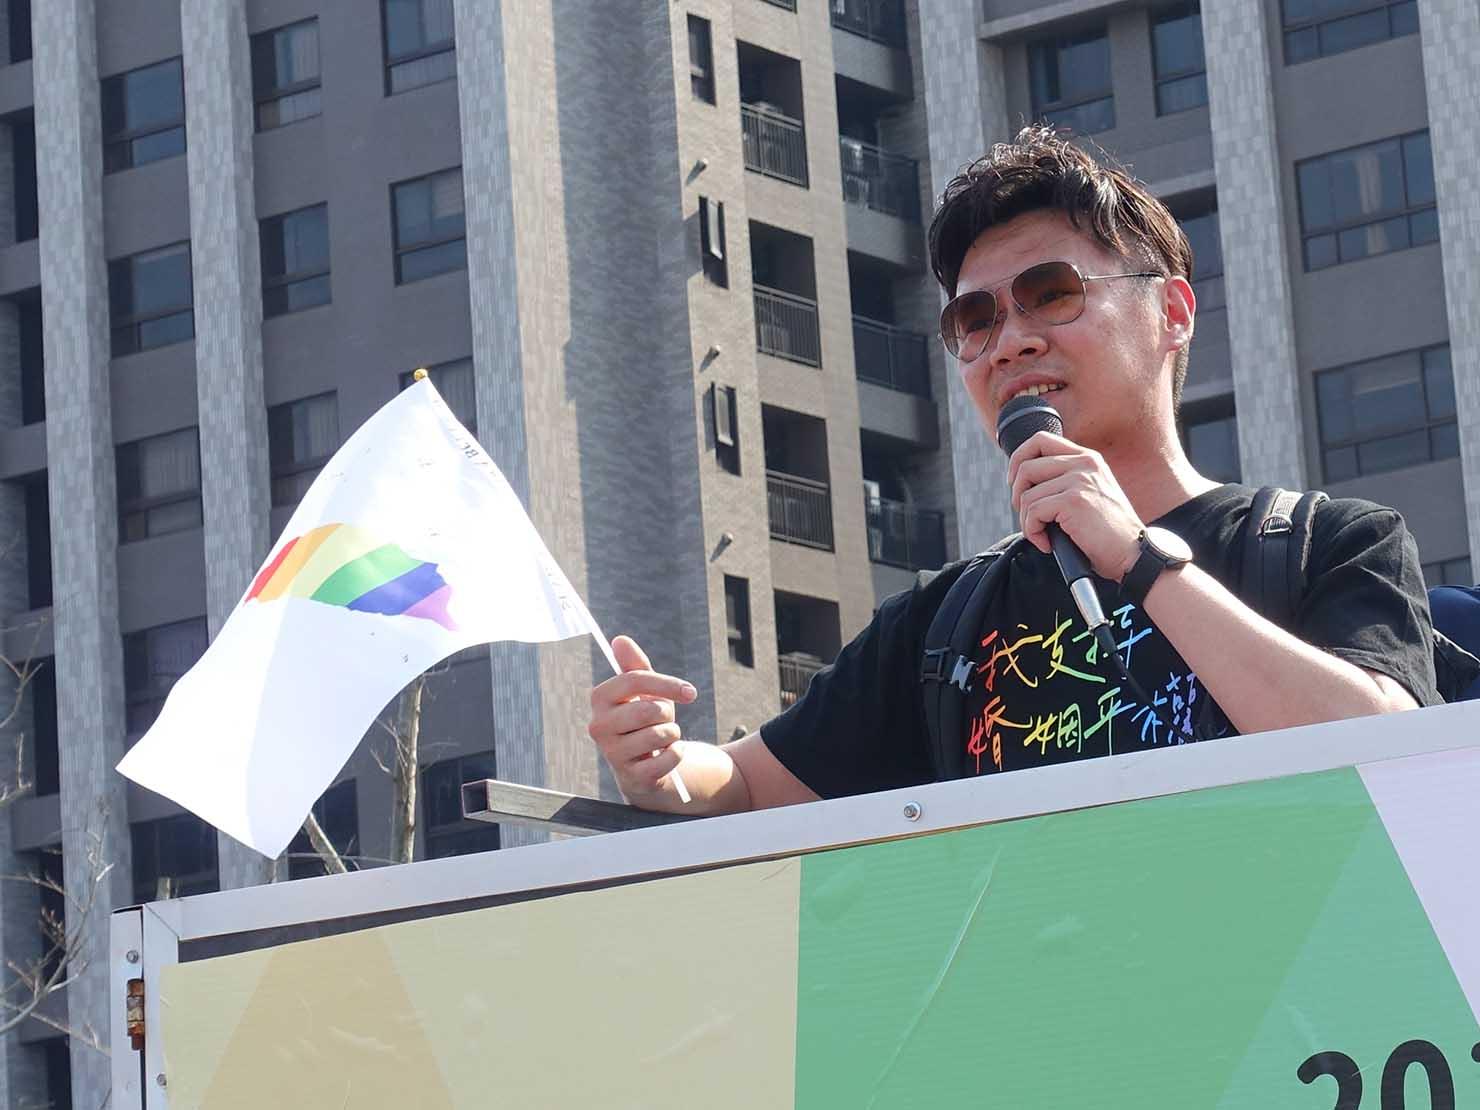 苗栗愛轉來平權遊行(苗栗LGBTプライド)2019のパレード先導車からスピーチする政治家